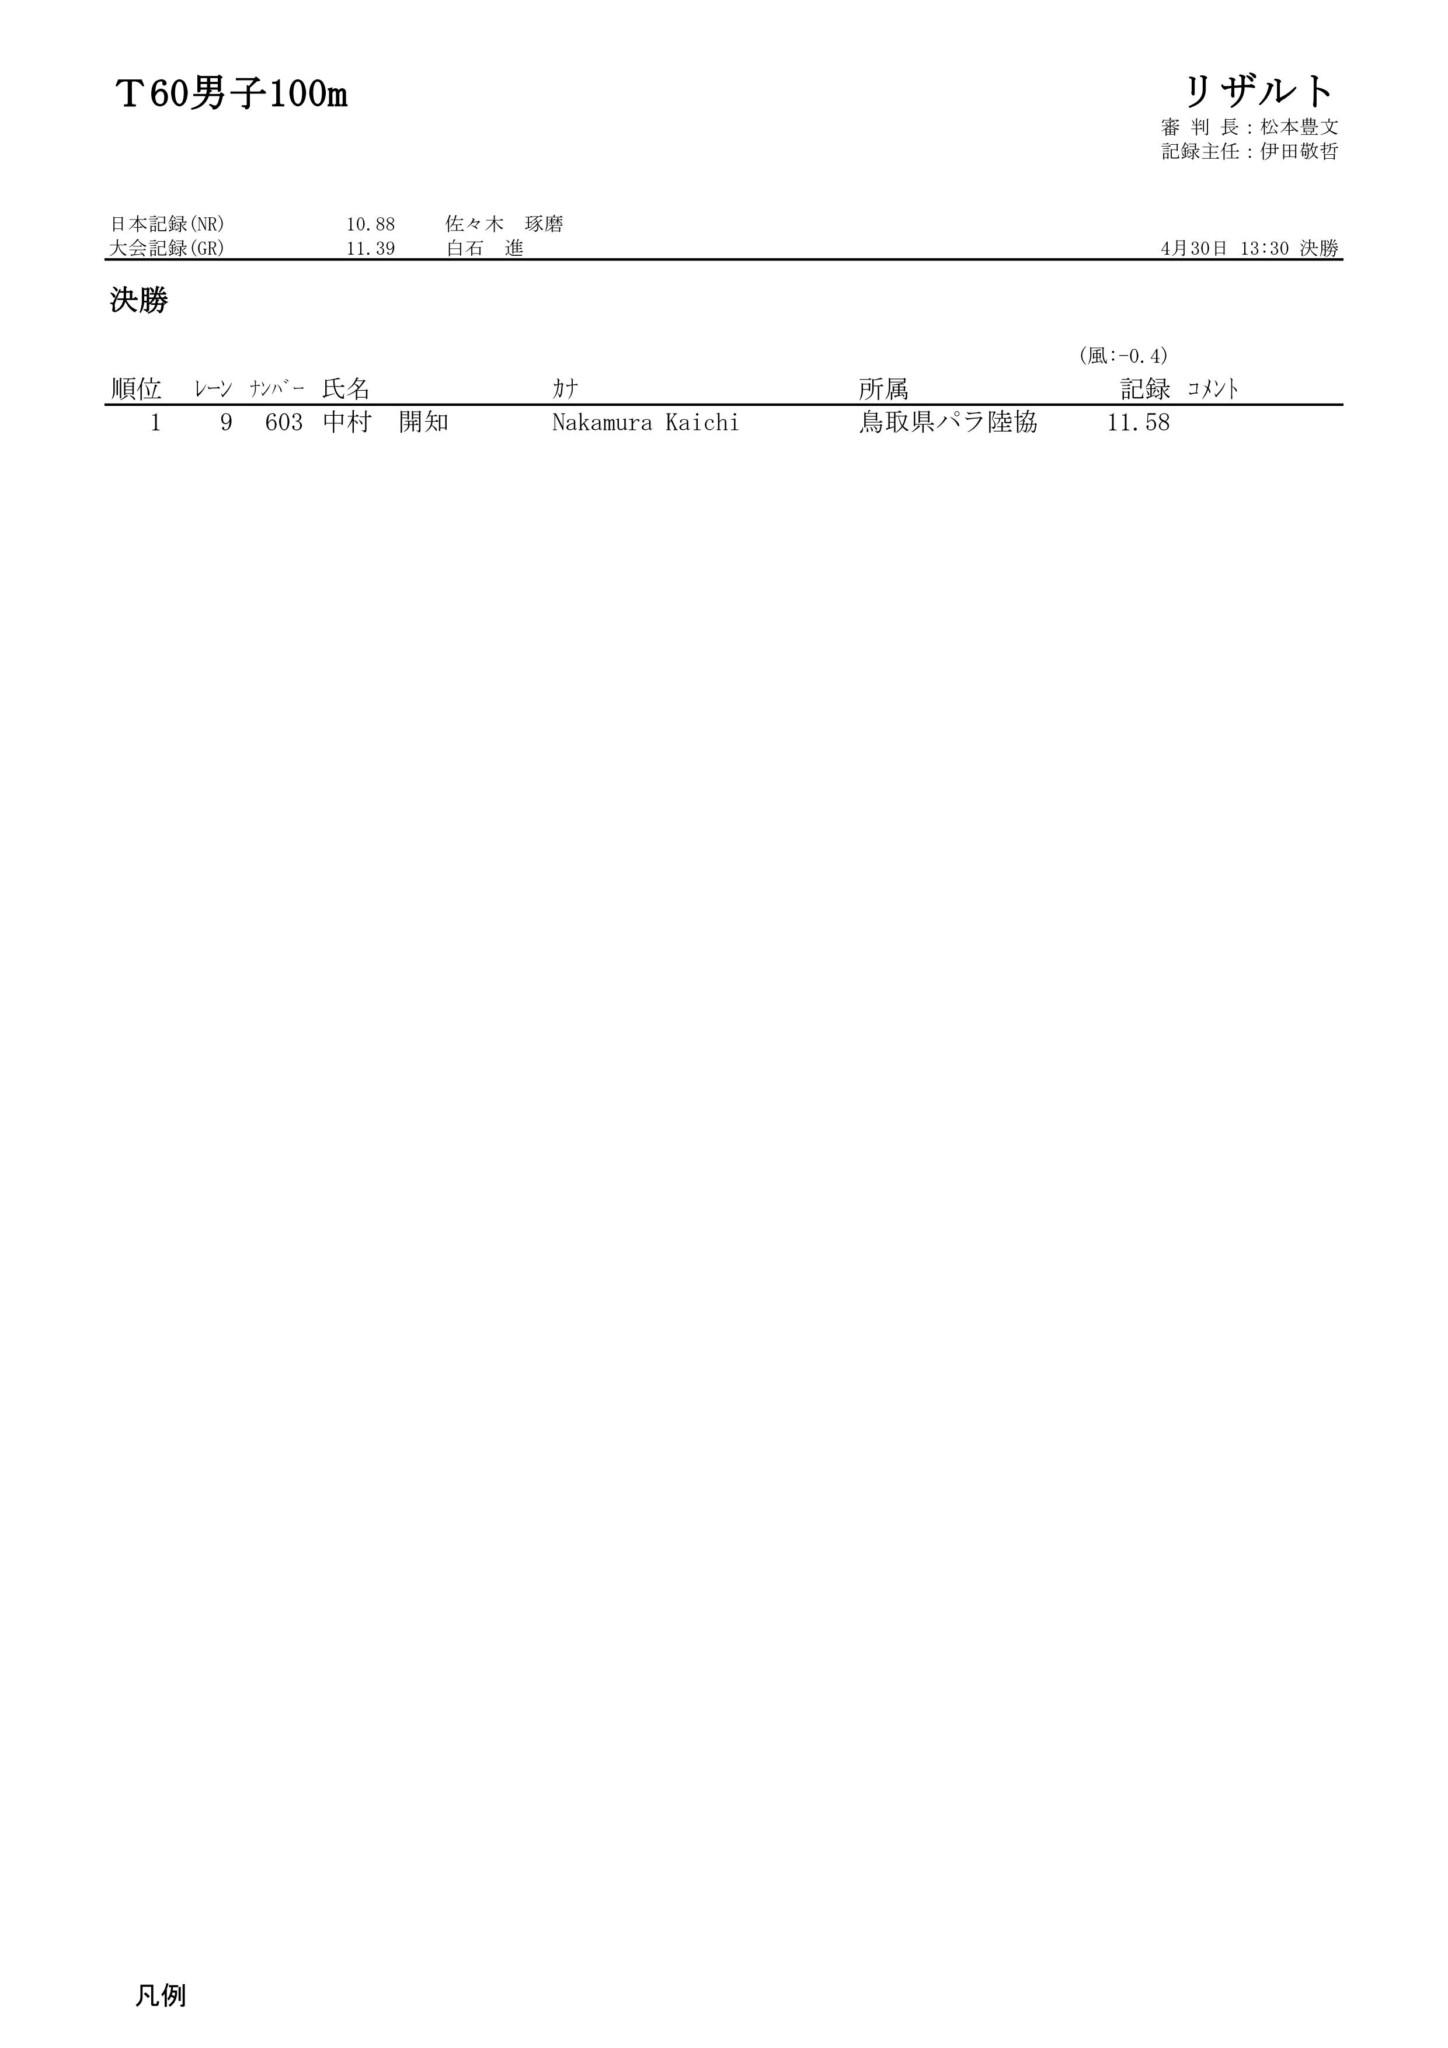 T60男子100m _R決勝_1組_01